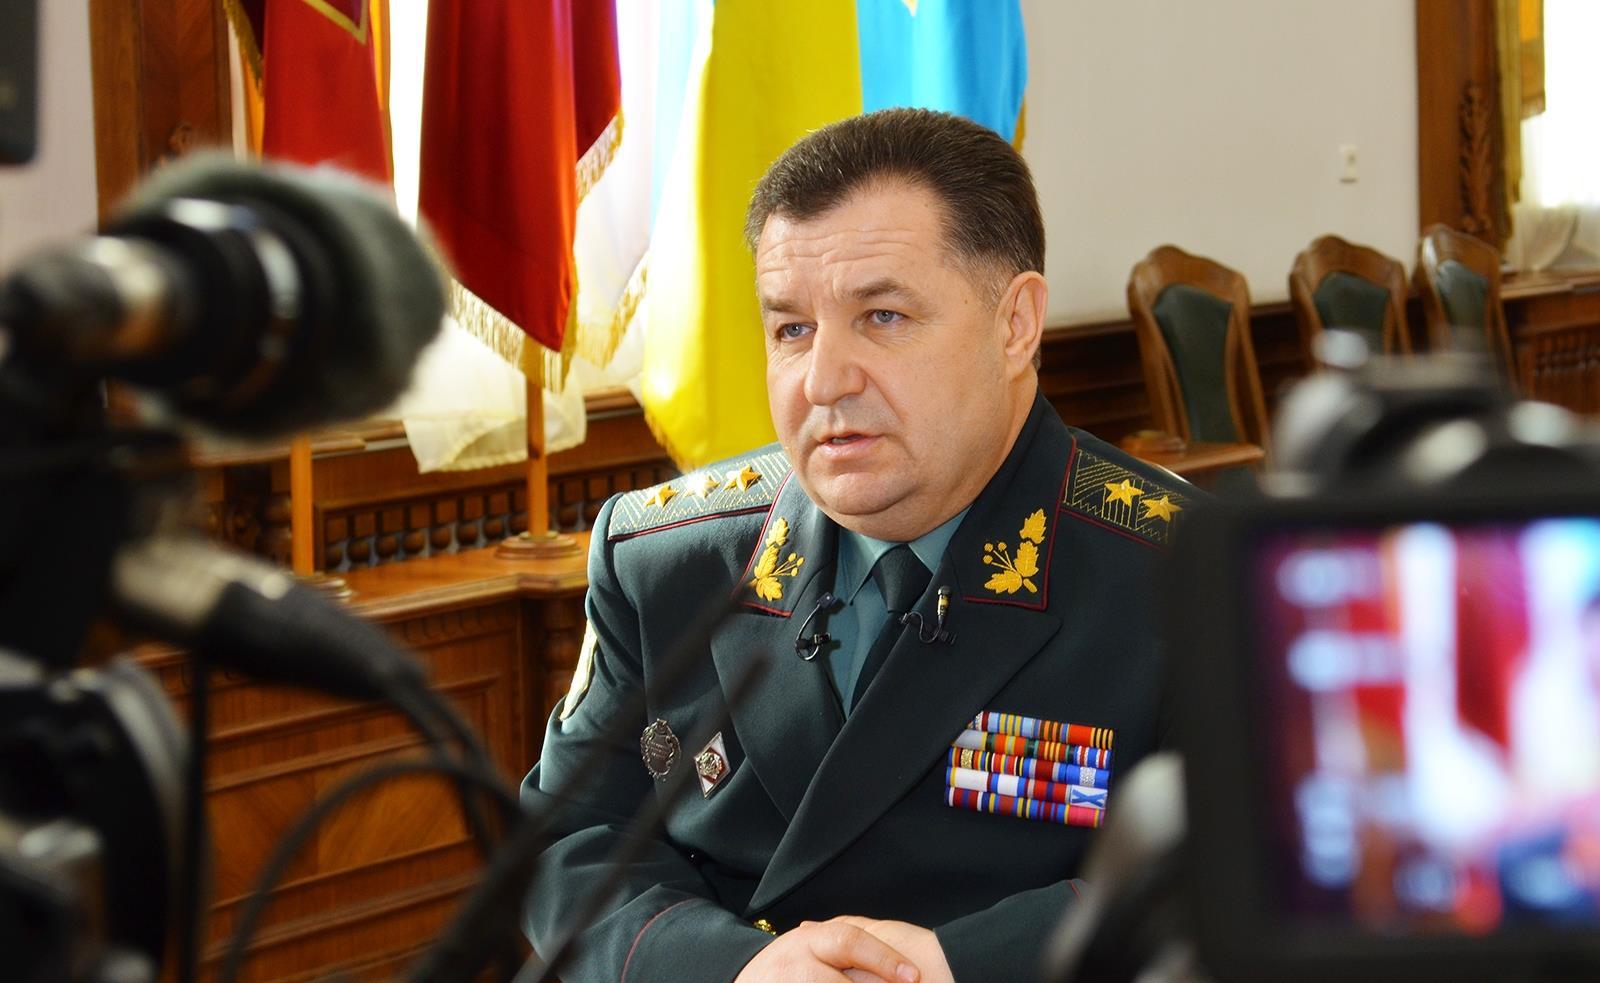 Все больше боевиков из-за отсутствия финансирования покидают незаконные вооруженные формирования на Донбассе, - спикер АТО - Цензор.НЕТ 2653